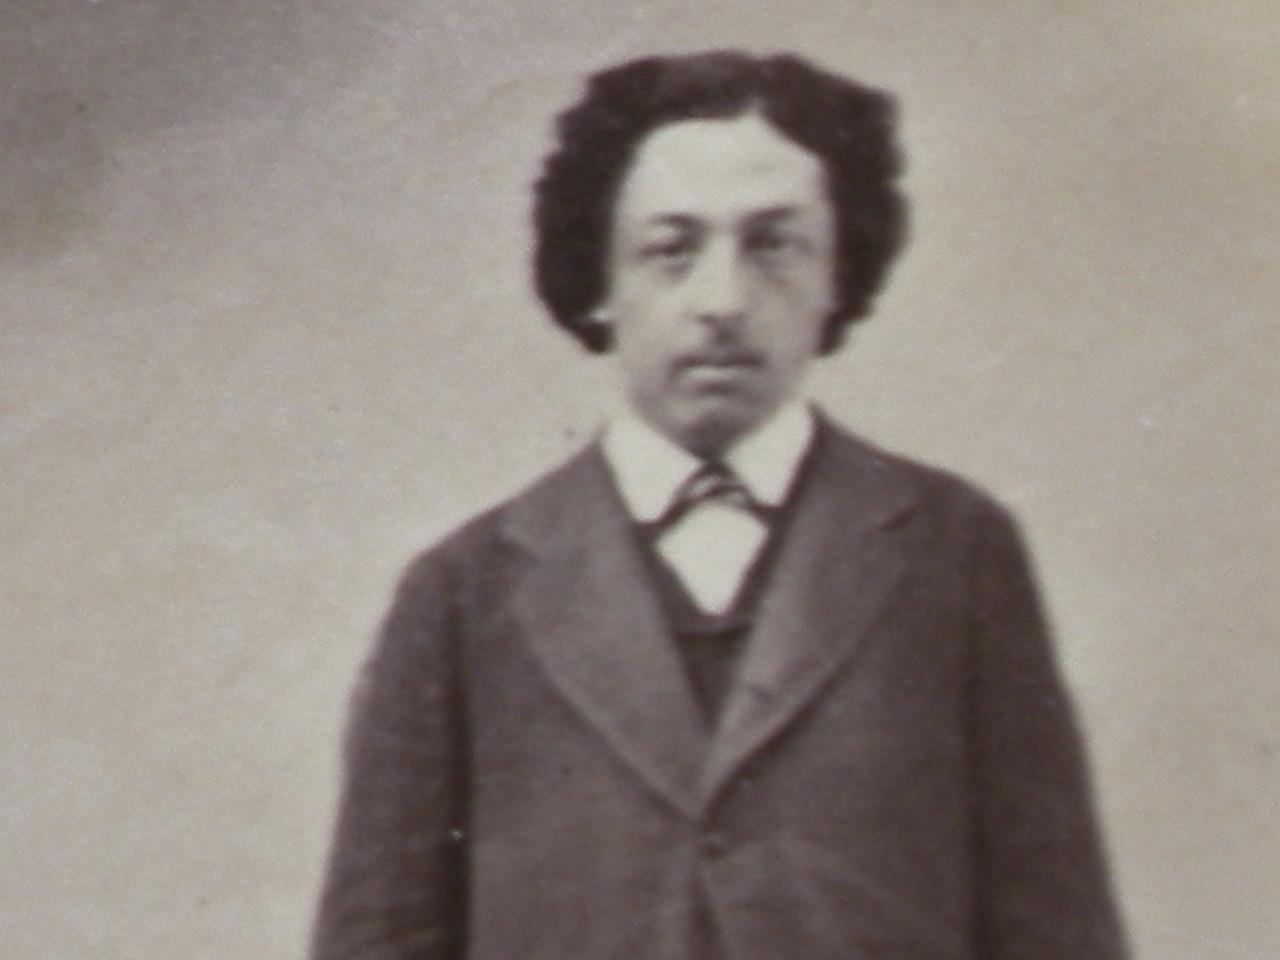 Octave Fariola